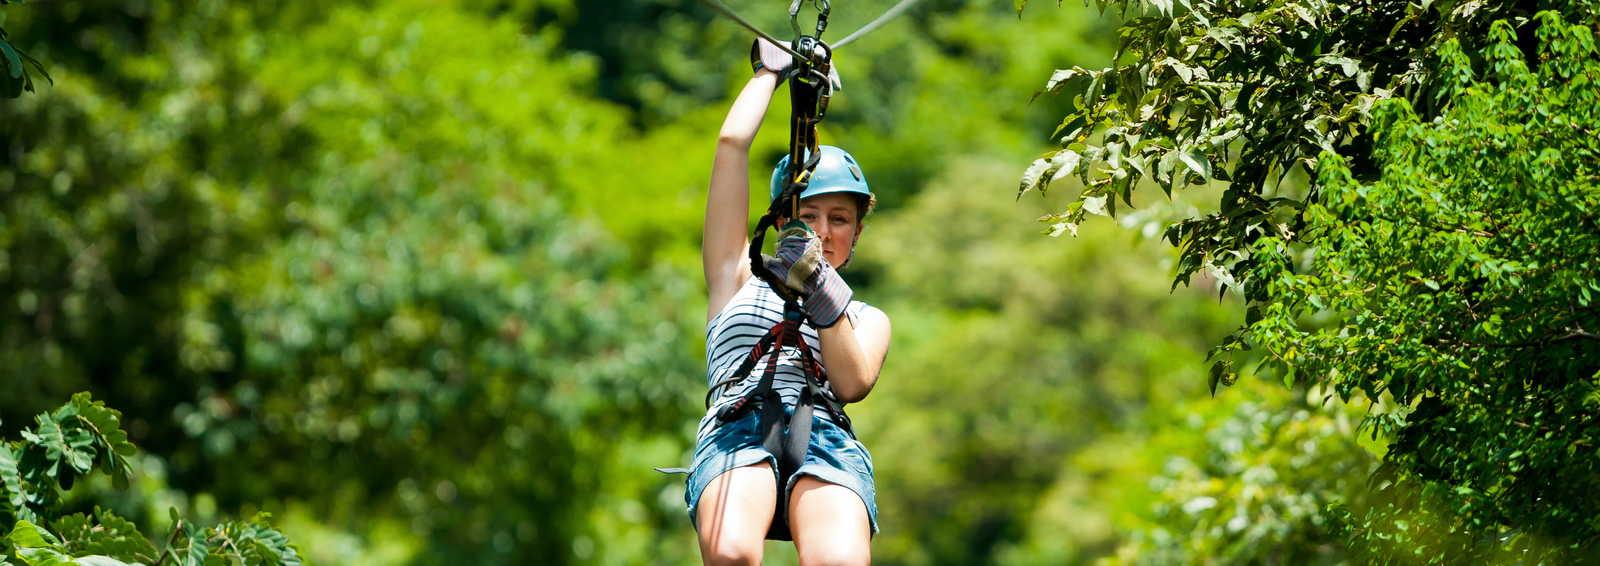 Zip-lining in Costa Rica